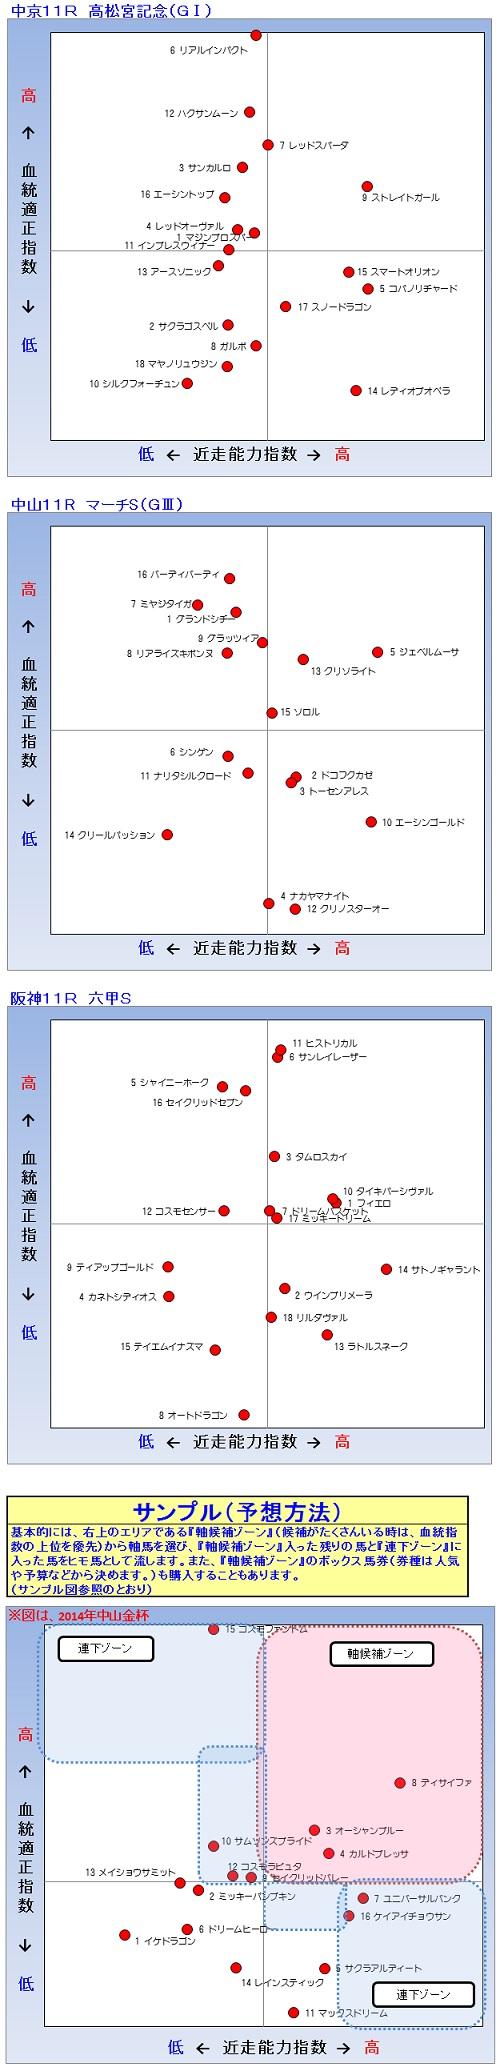 2014-03-30予想